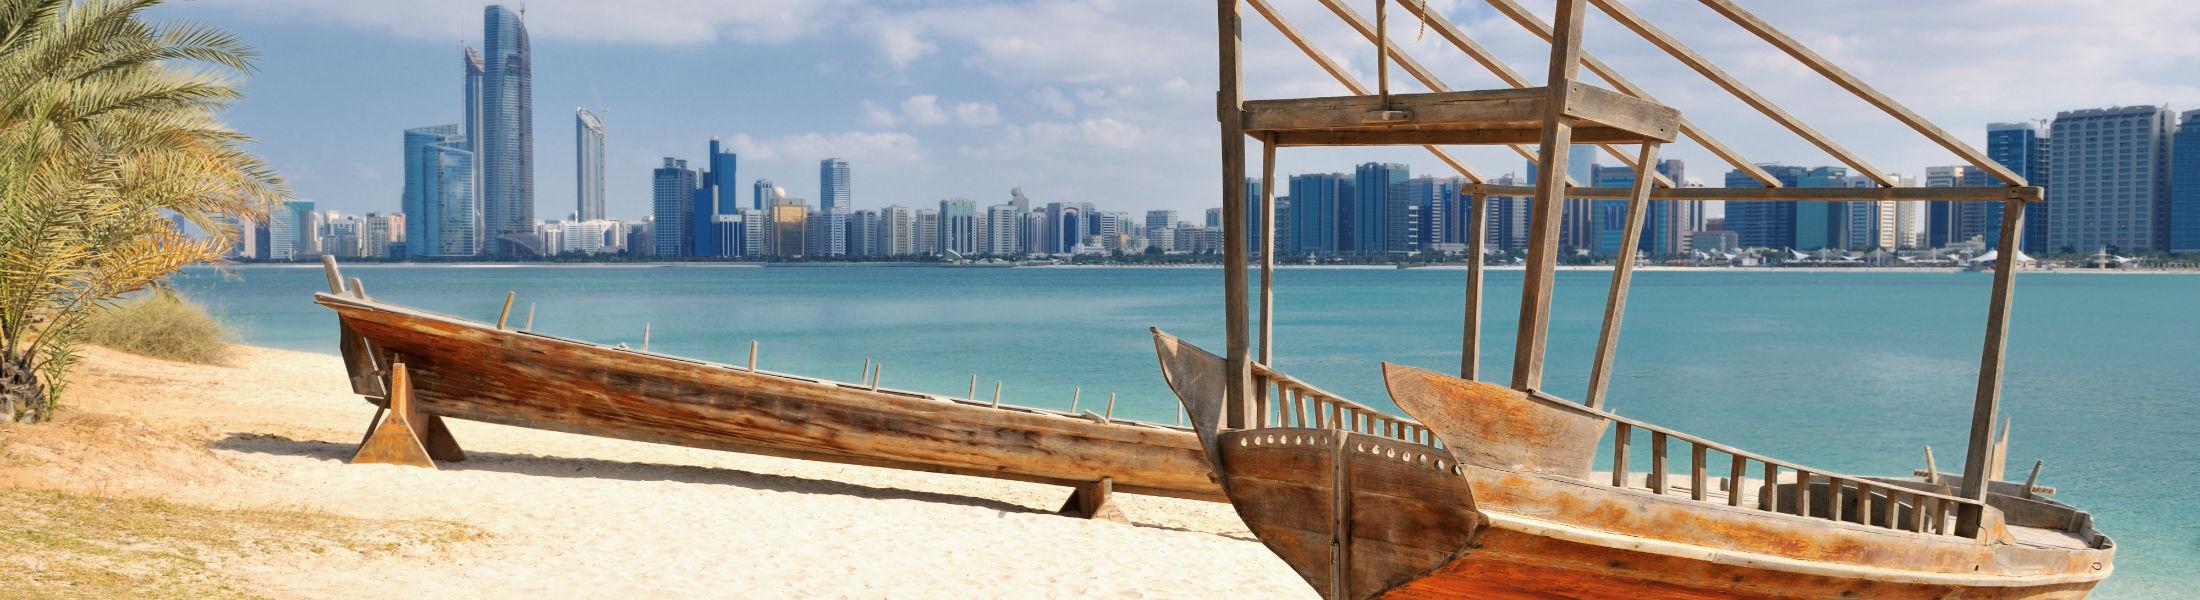 Dubai - Old boats on beach